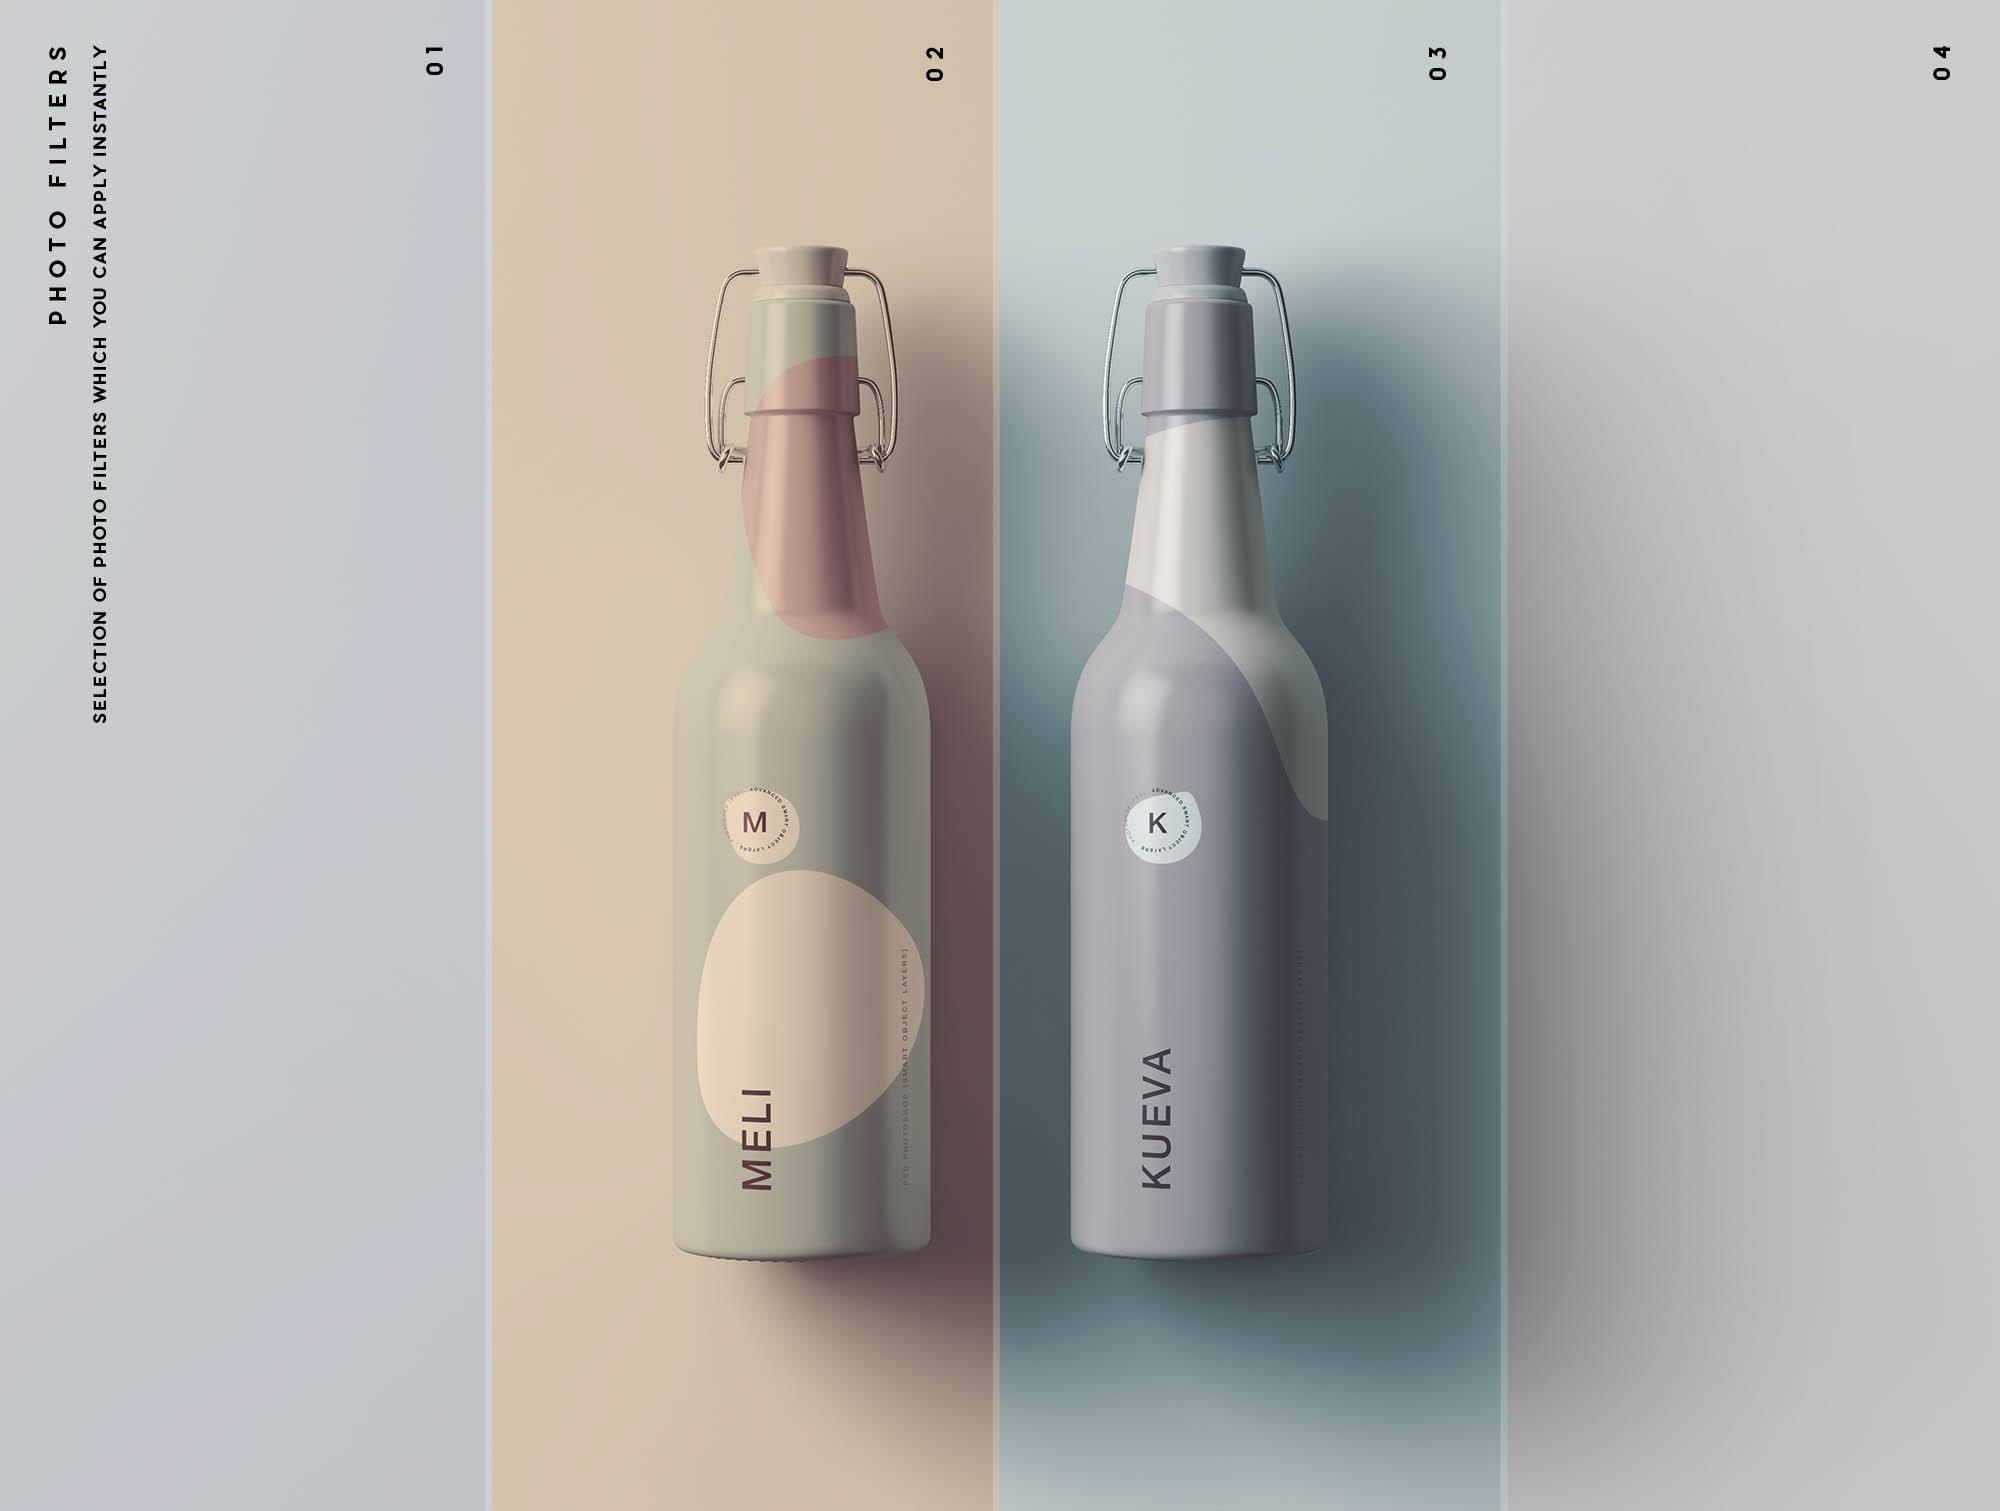 Matt Bottles Mockup Filters